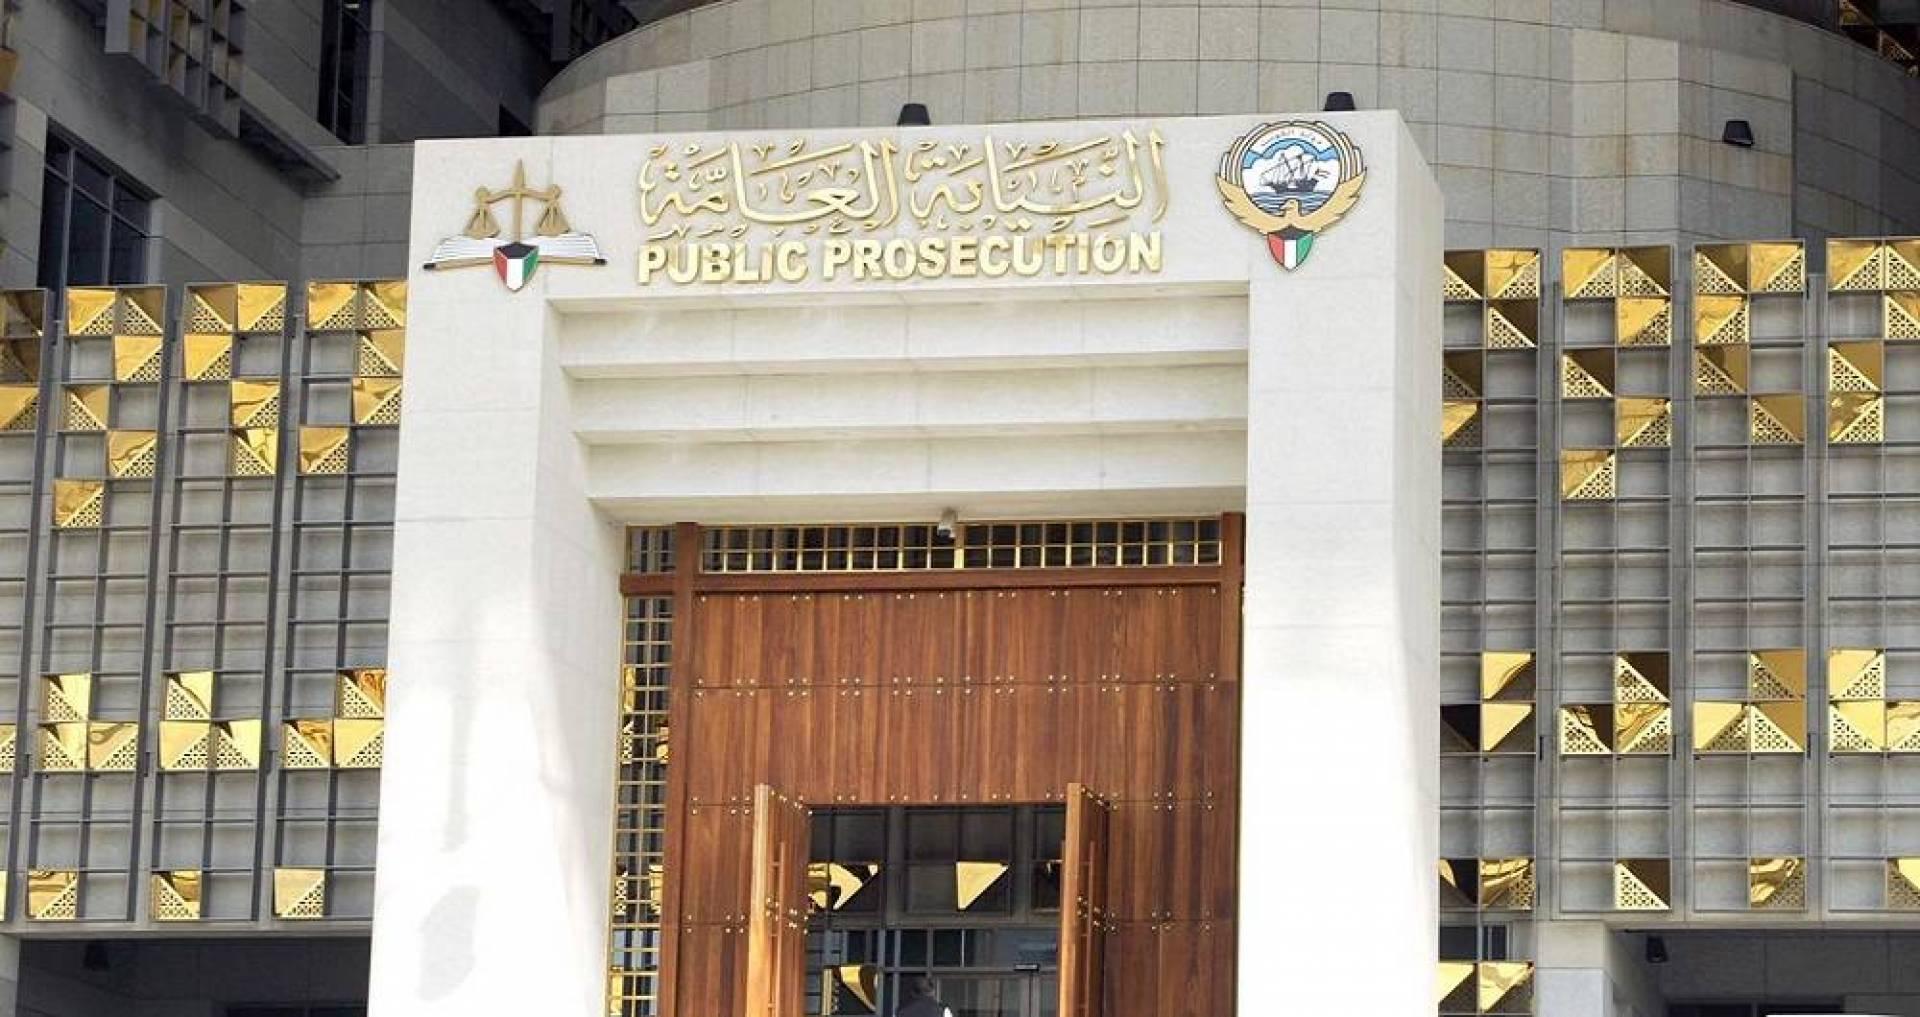 «الداخلية»: تفويض النيابة العامة للتحقيق بقضية الاعتداء على رئيس مجلس الأمة بالمقبرة